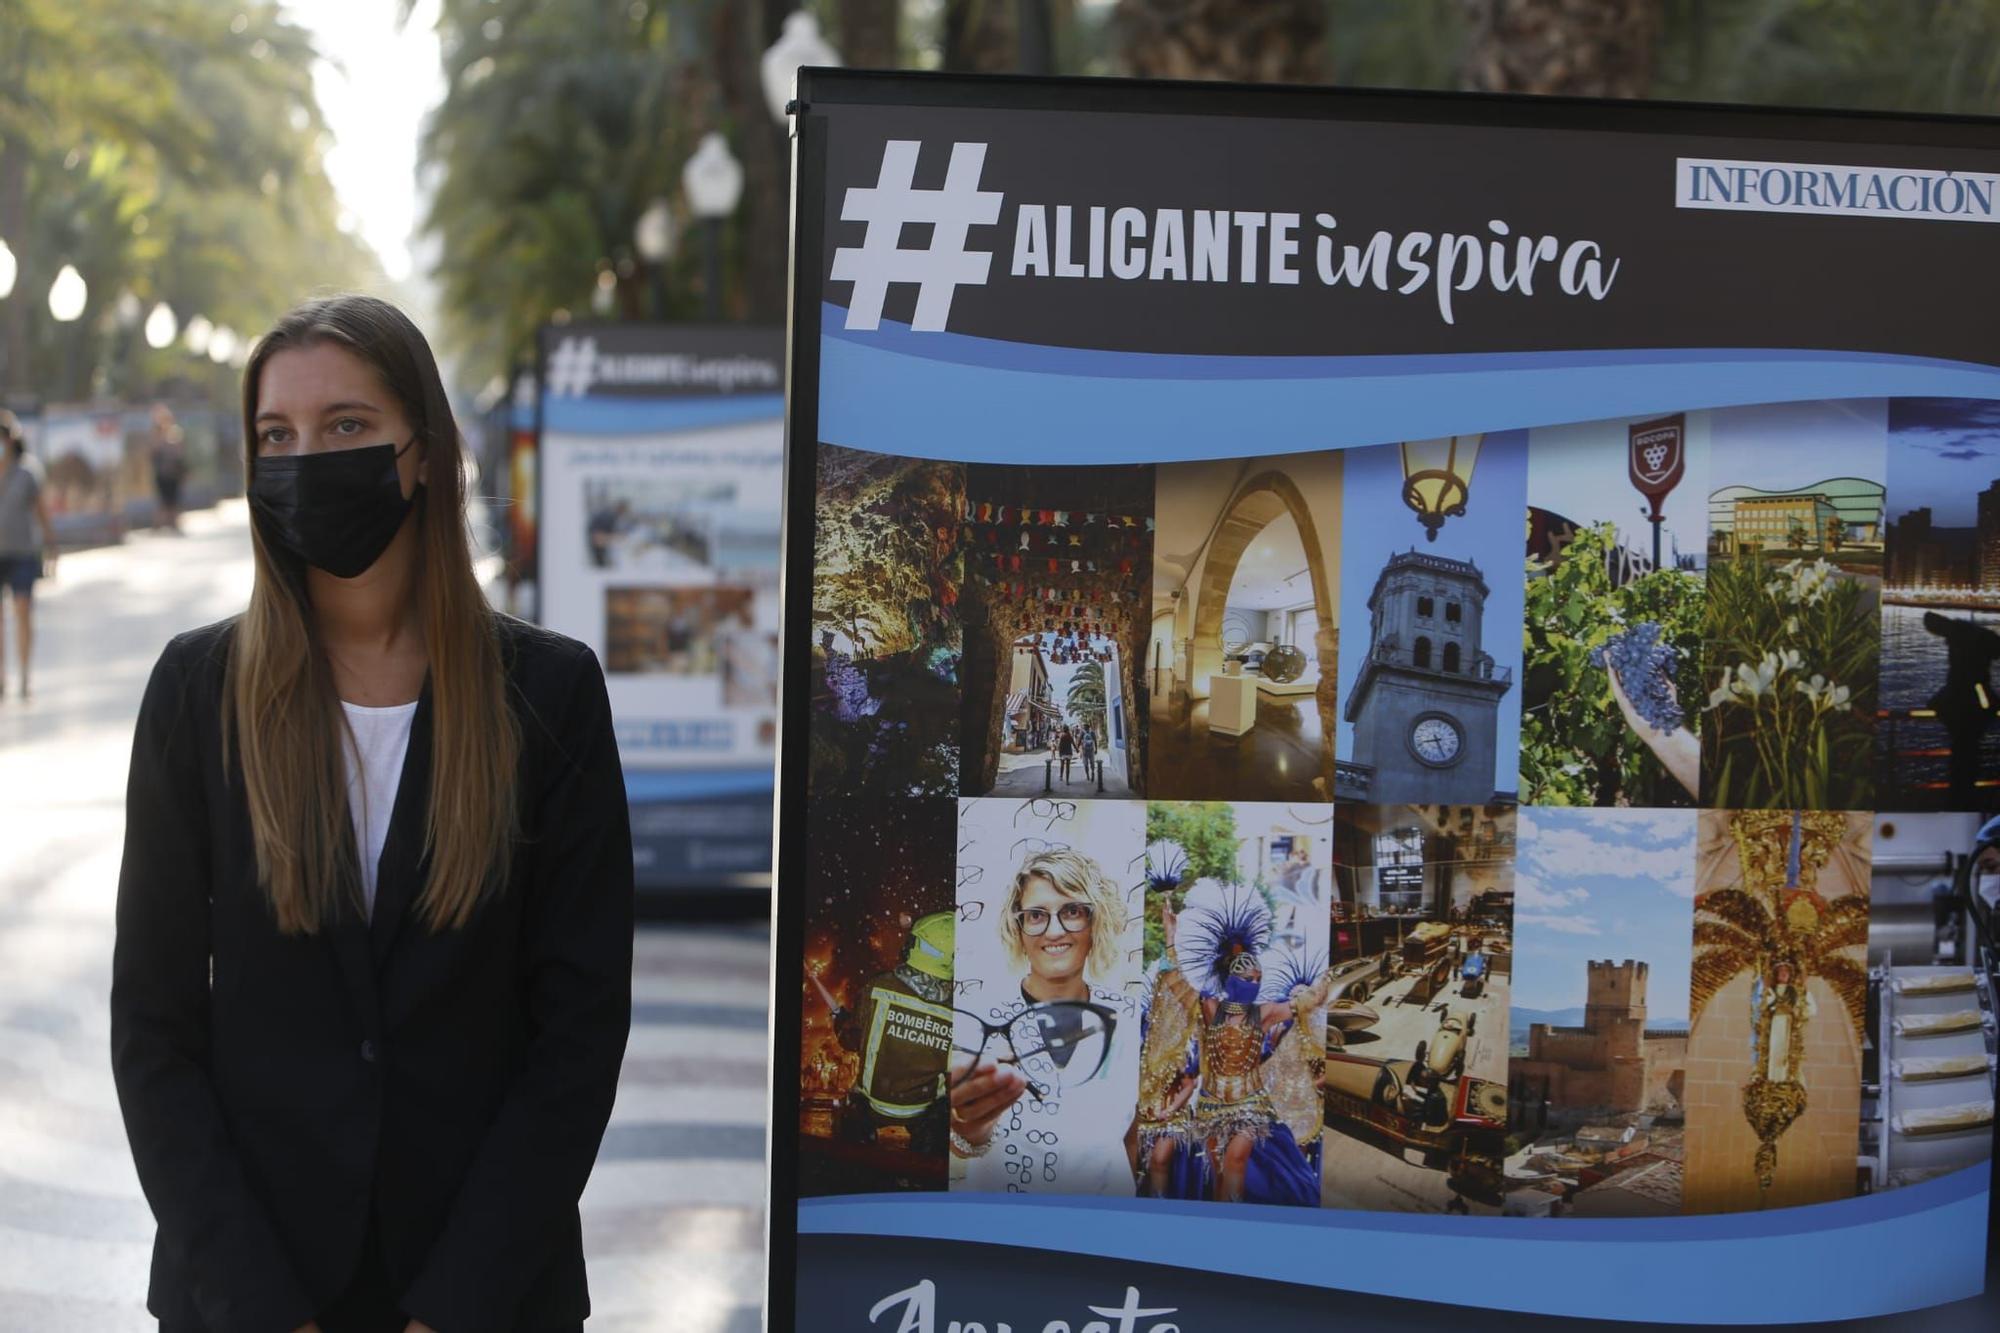 El paseo de la Explanada acoge la exposición #ALICANTEinspira